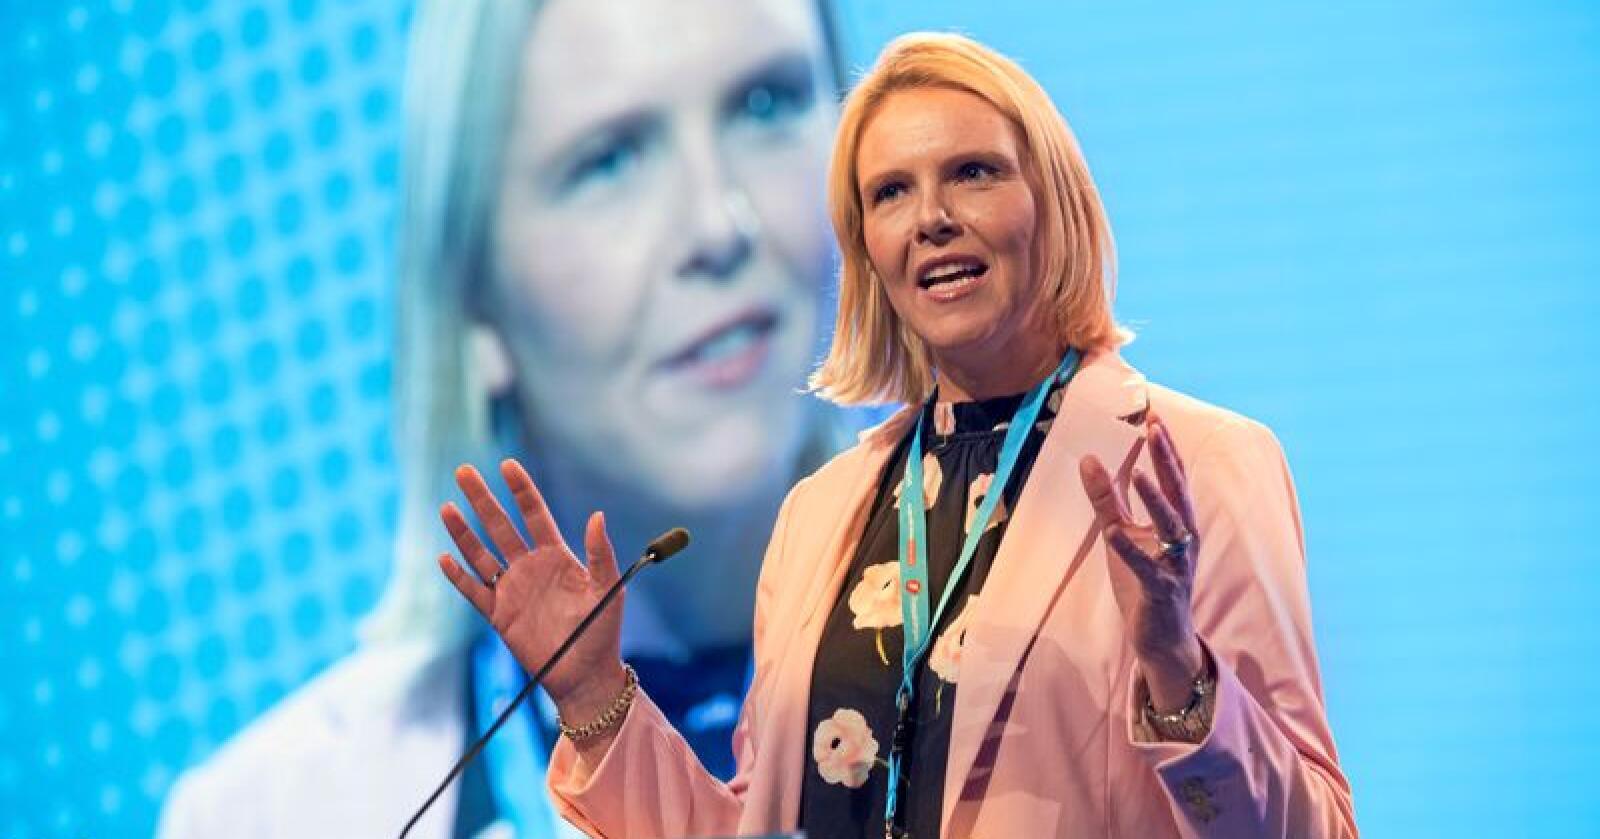 Det kan se ut til at Frp gir fra seg landbruksministeren. På bildet er Sylvi Listhaug, FrPs 1. nestleder. Foto: Terje Bendiksby / NTB scanpix